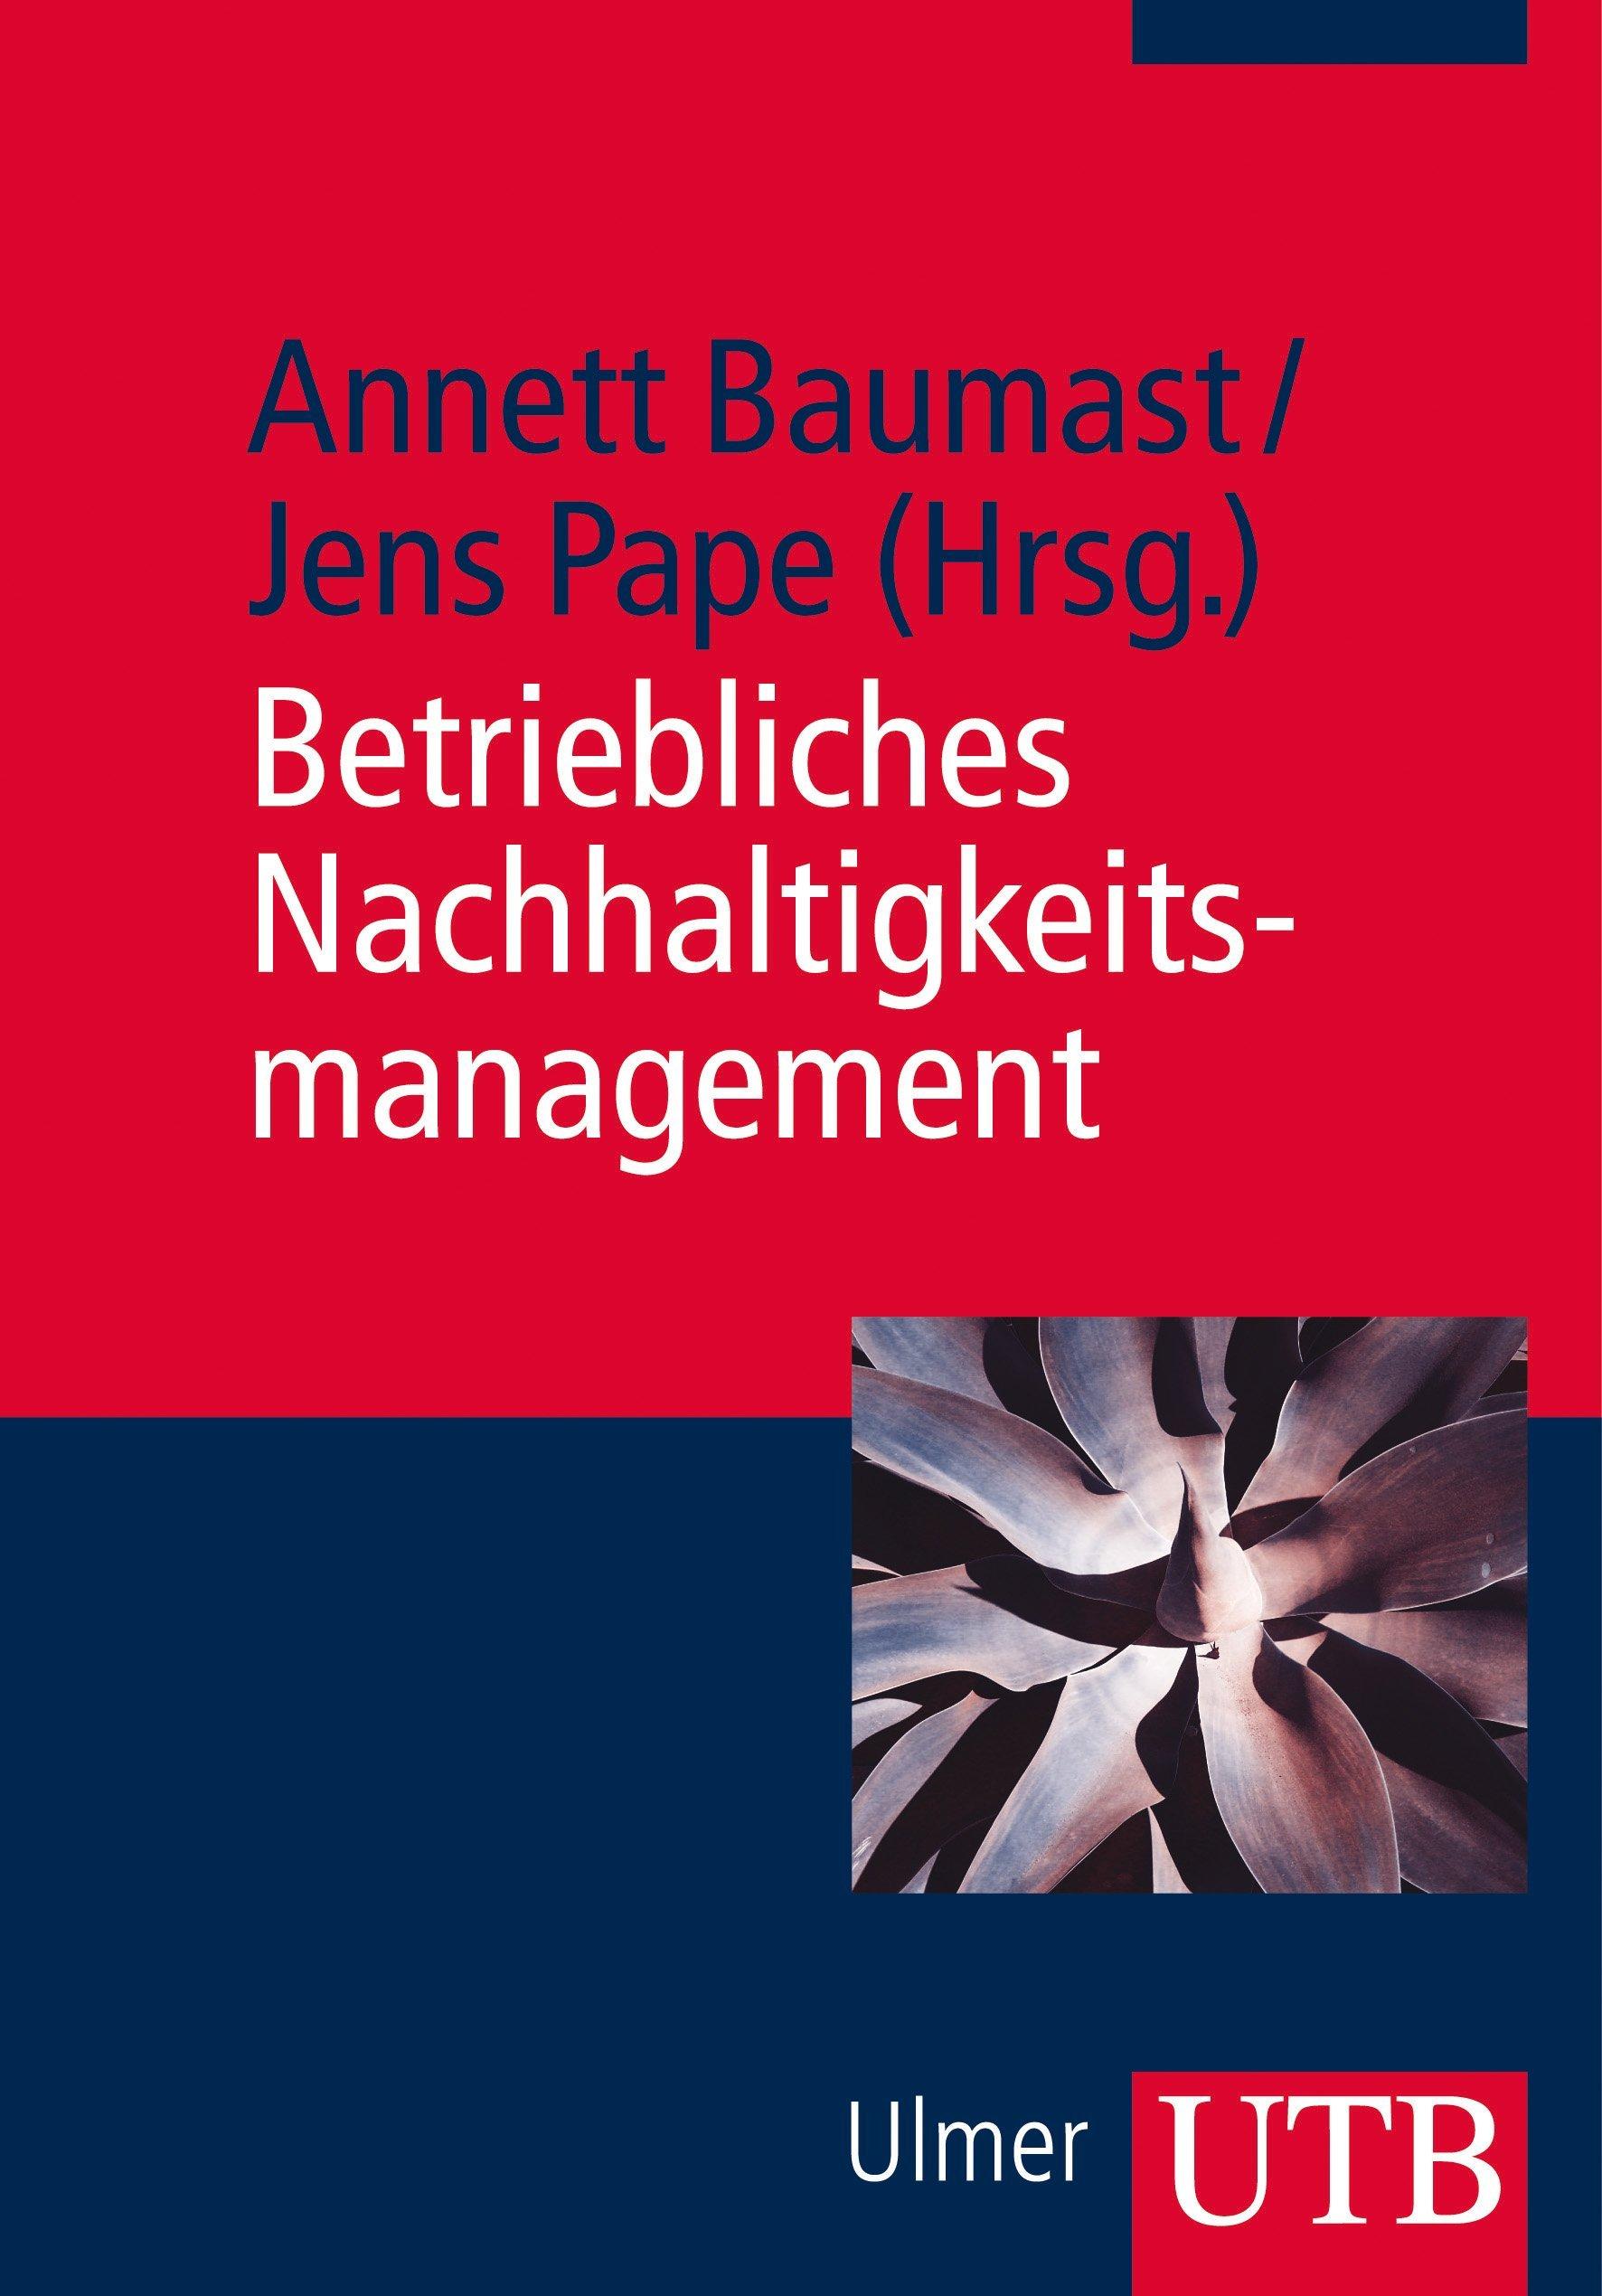 Betriebliches Nachhaltigkeitsmanagement Taschenbuch – 23. Oktober 2013 Annett Baumast Jens Pape UTB GmbH 3825236765